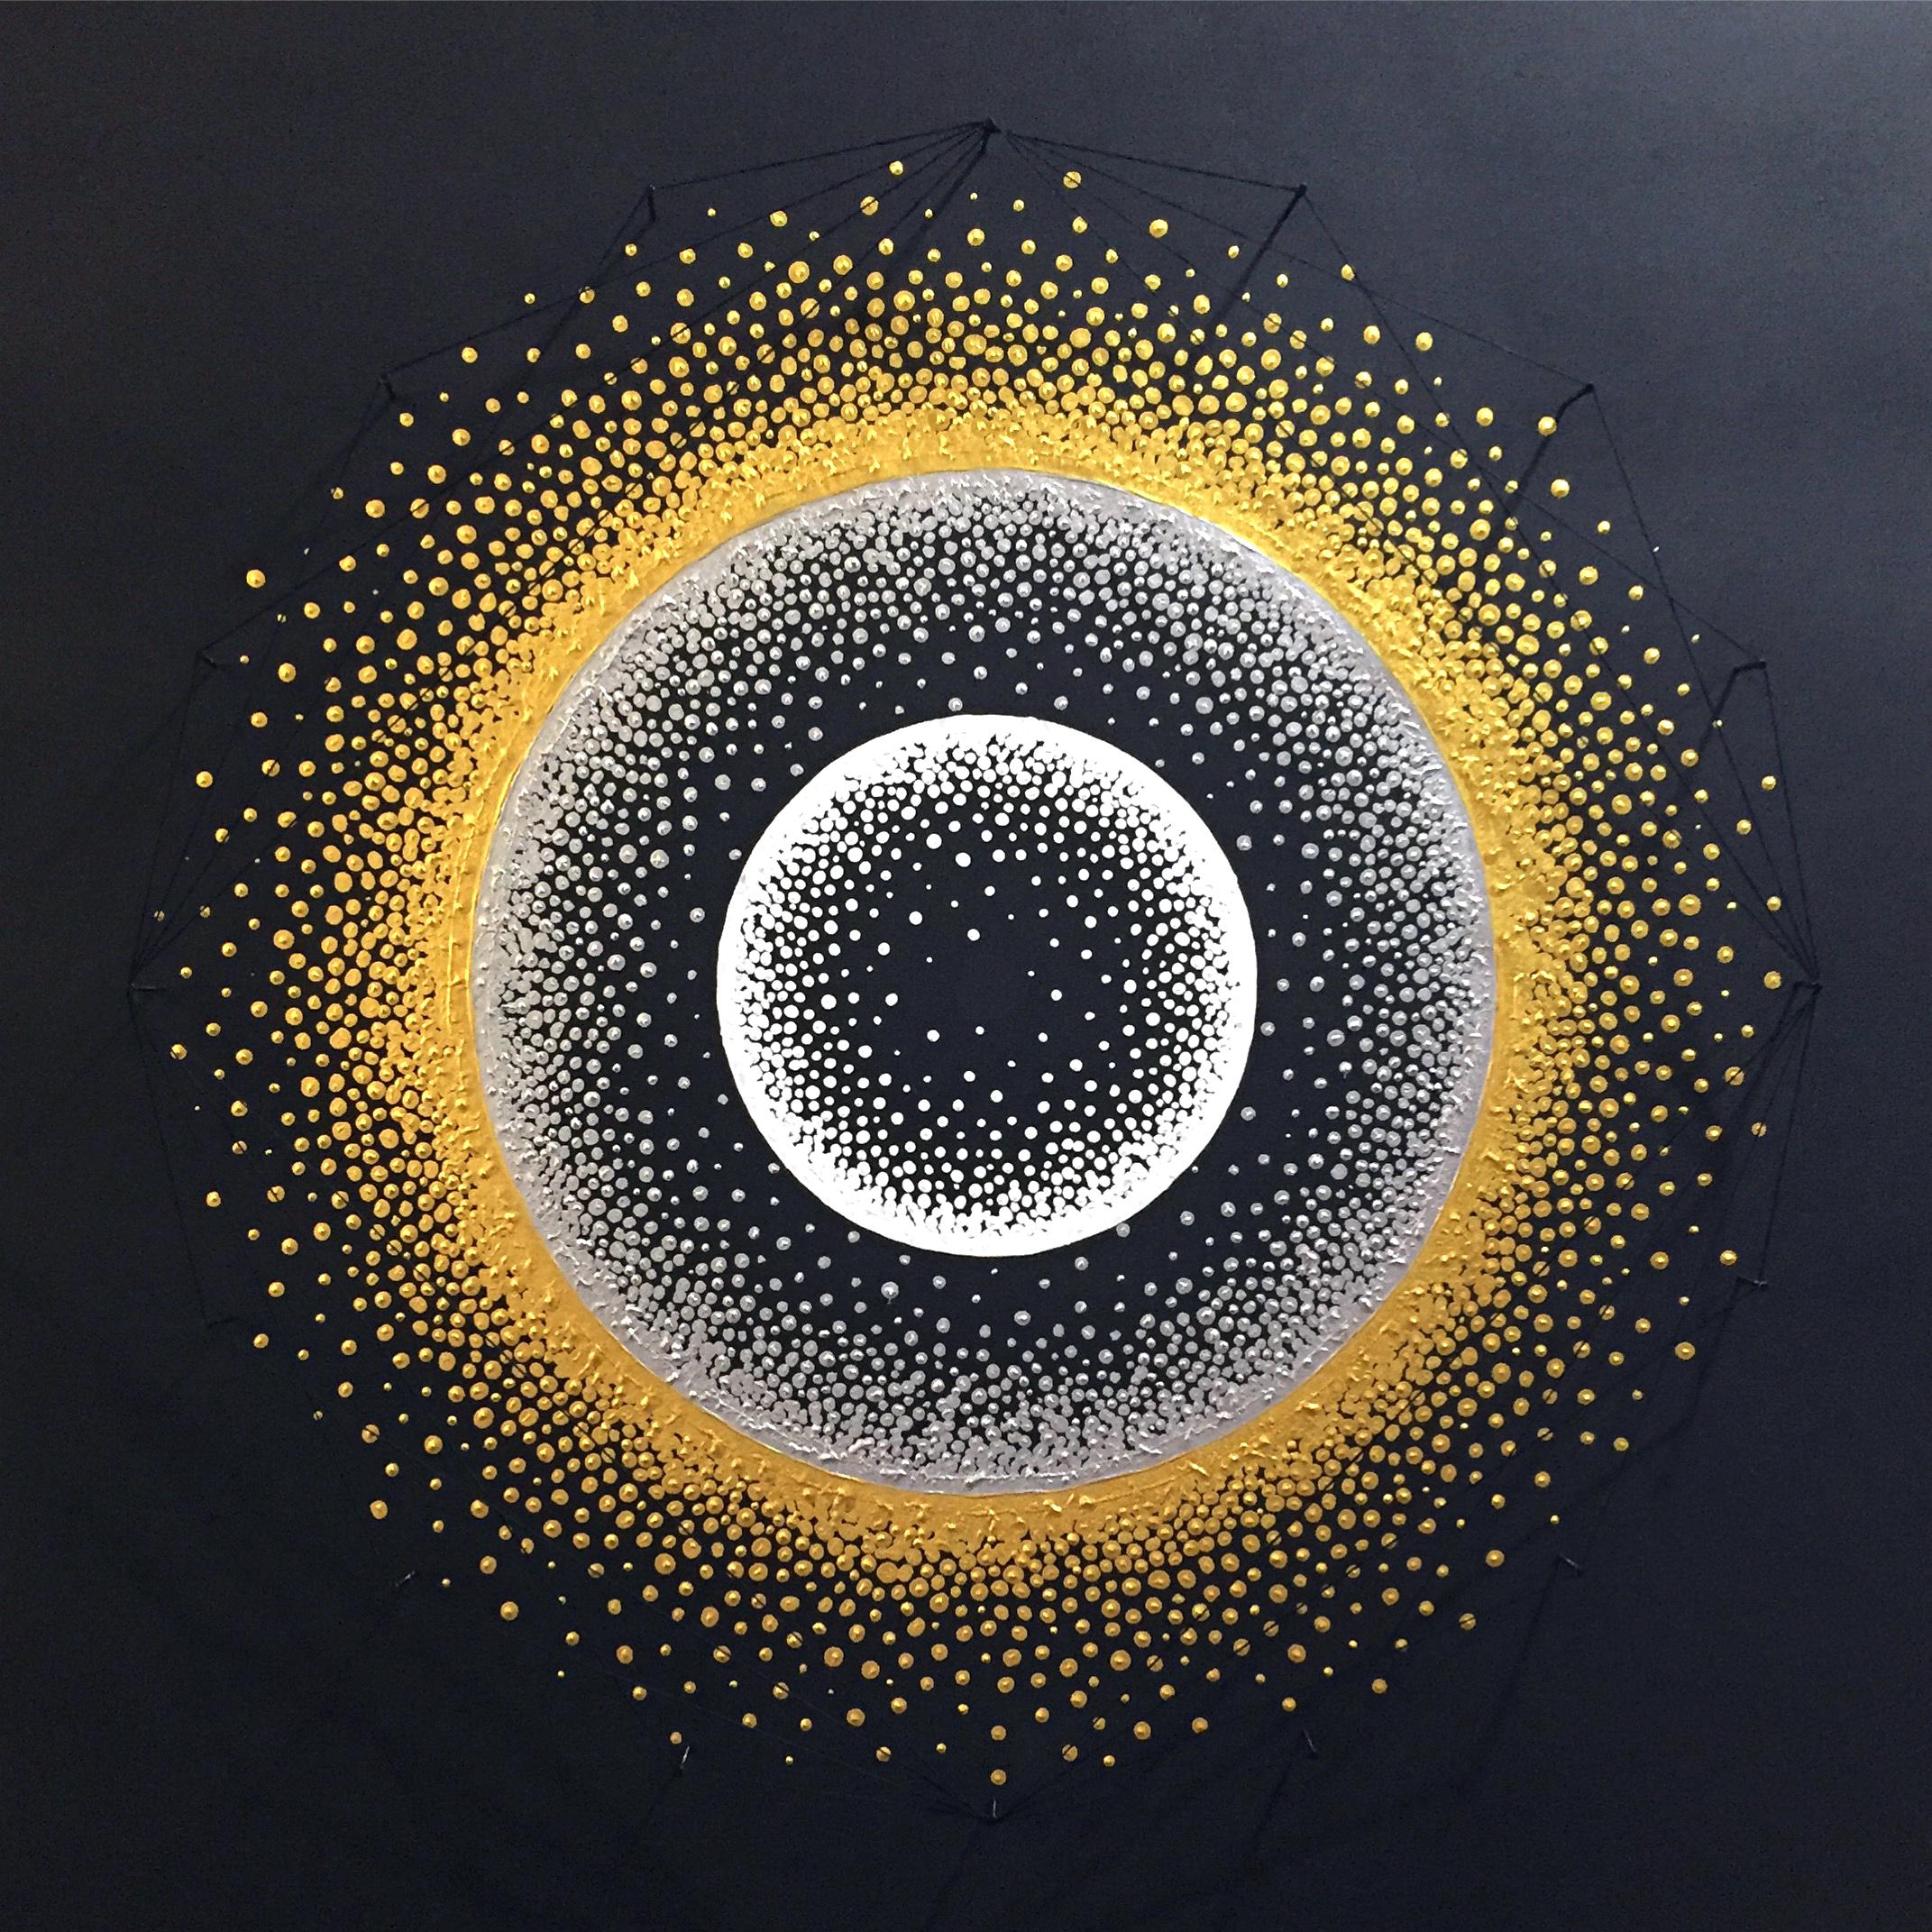 Melissa_Walter_Spiral_Galaxy_surroundedby_darkmatter.jpg